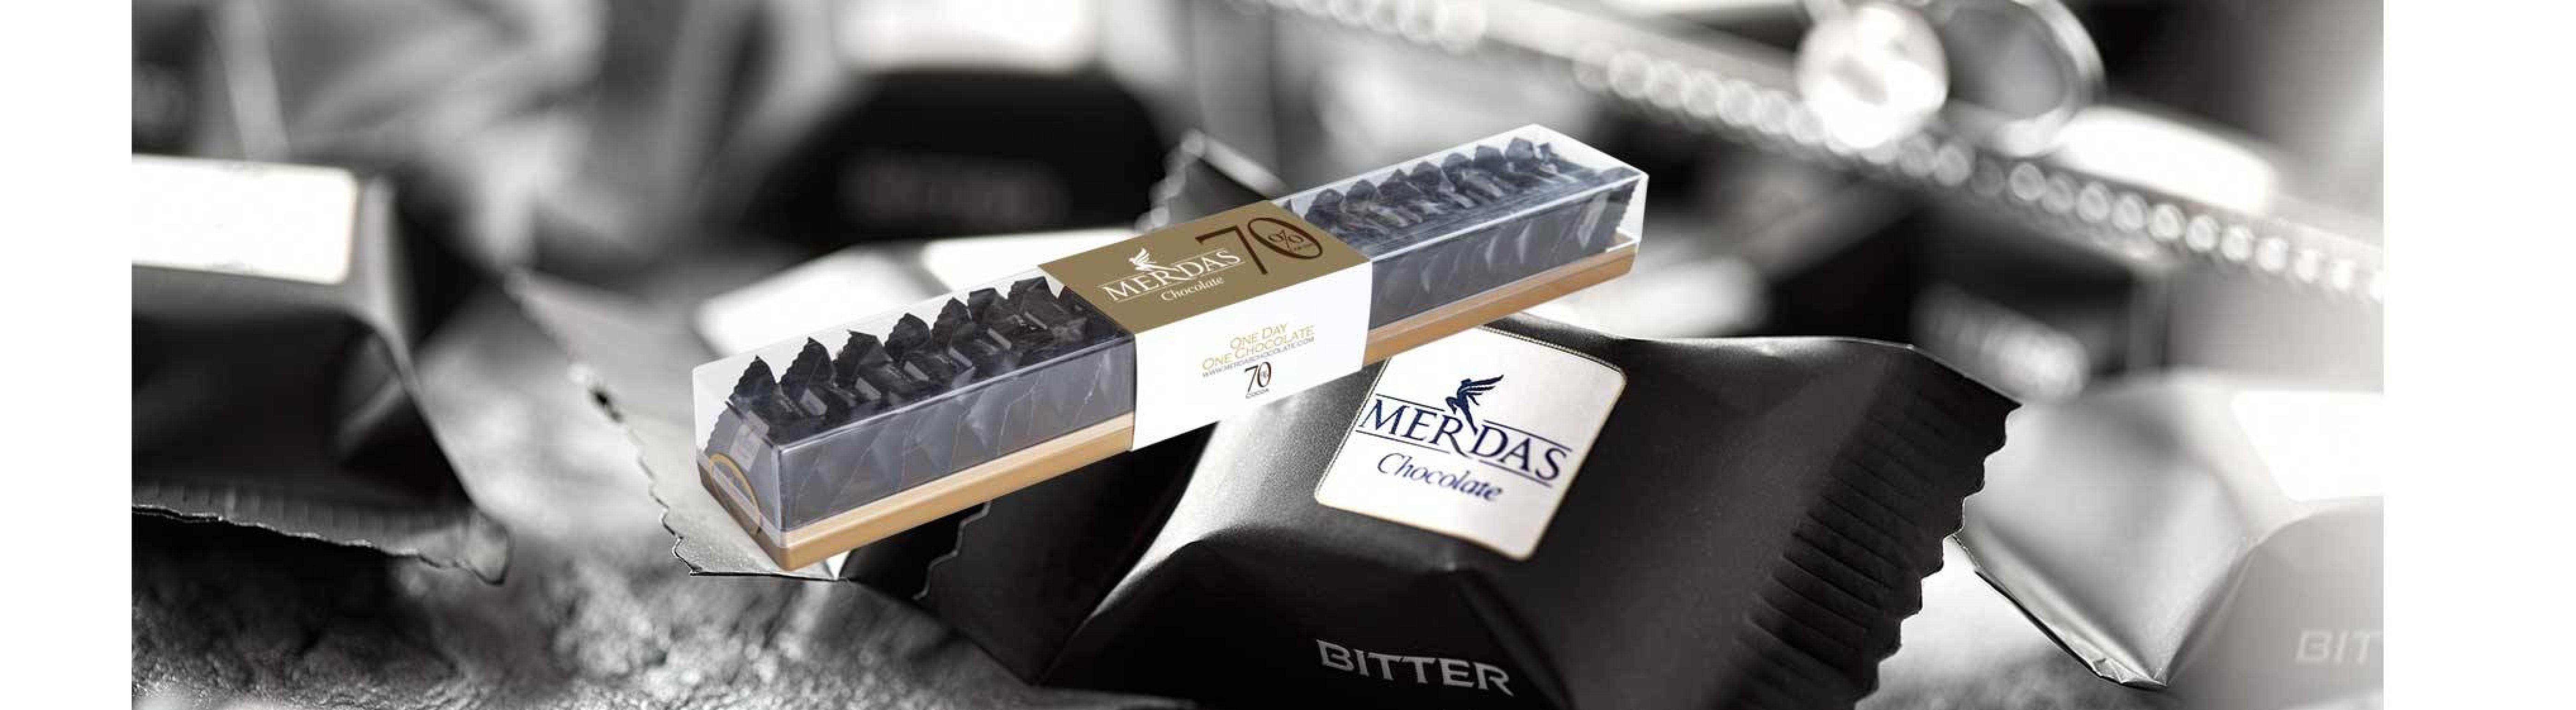 خرید اینترنتی کاکائو تلخ دارک 70 درصد مرداس شهر شکلات فروشگاه اینترنتی وجیسنک